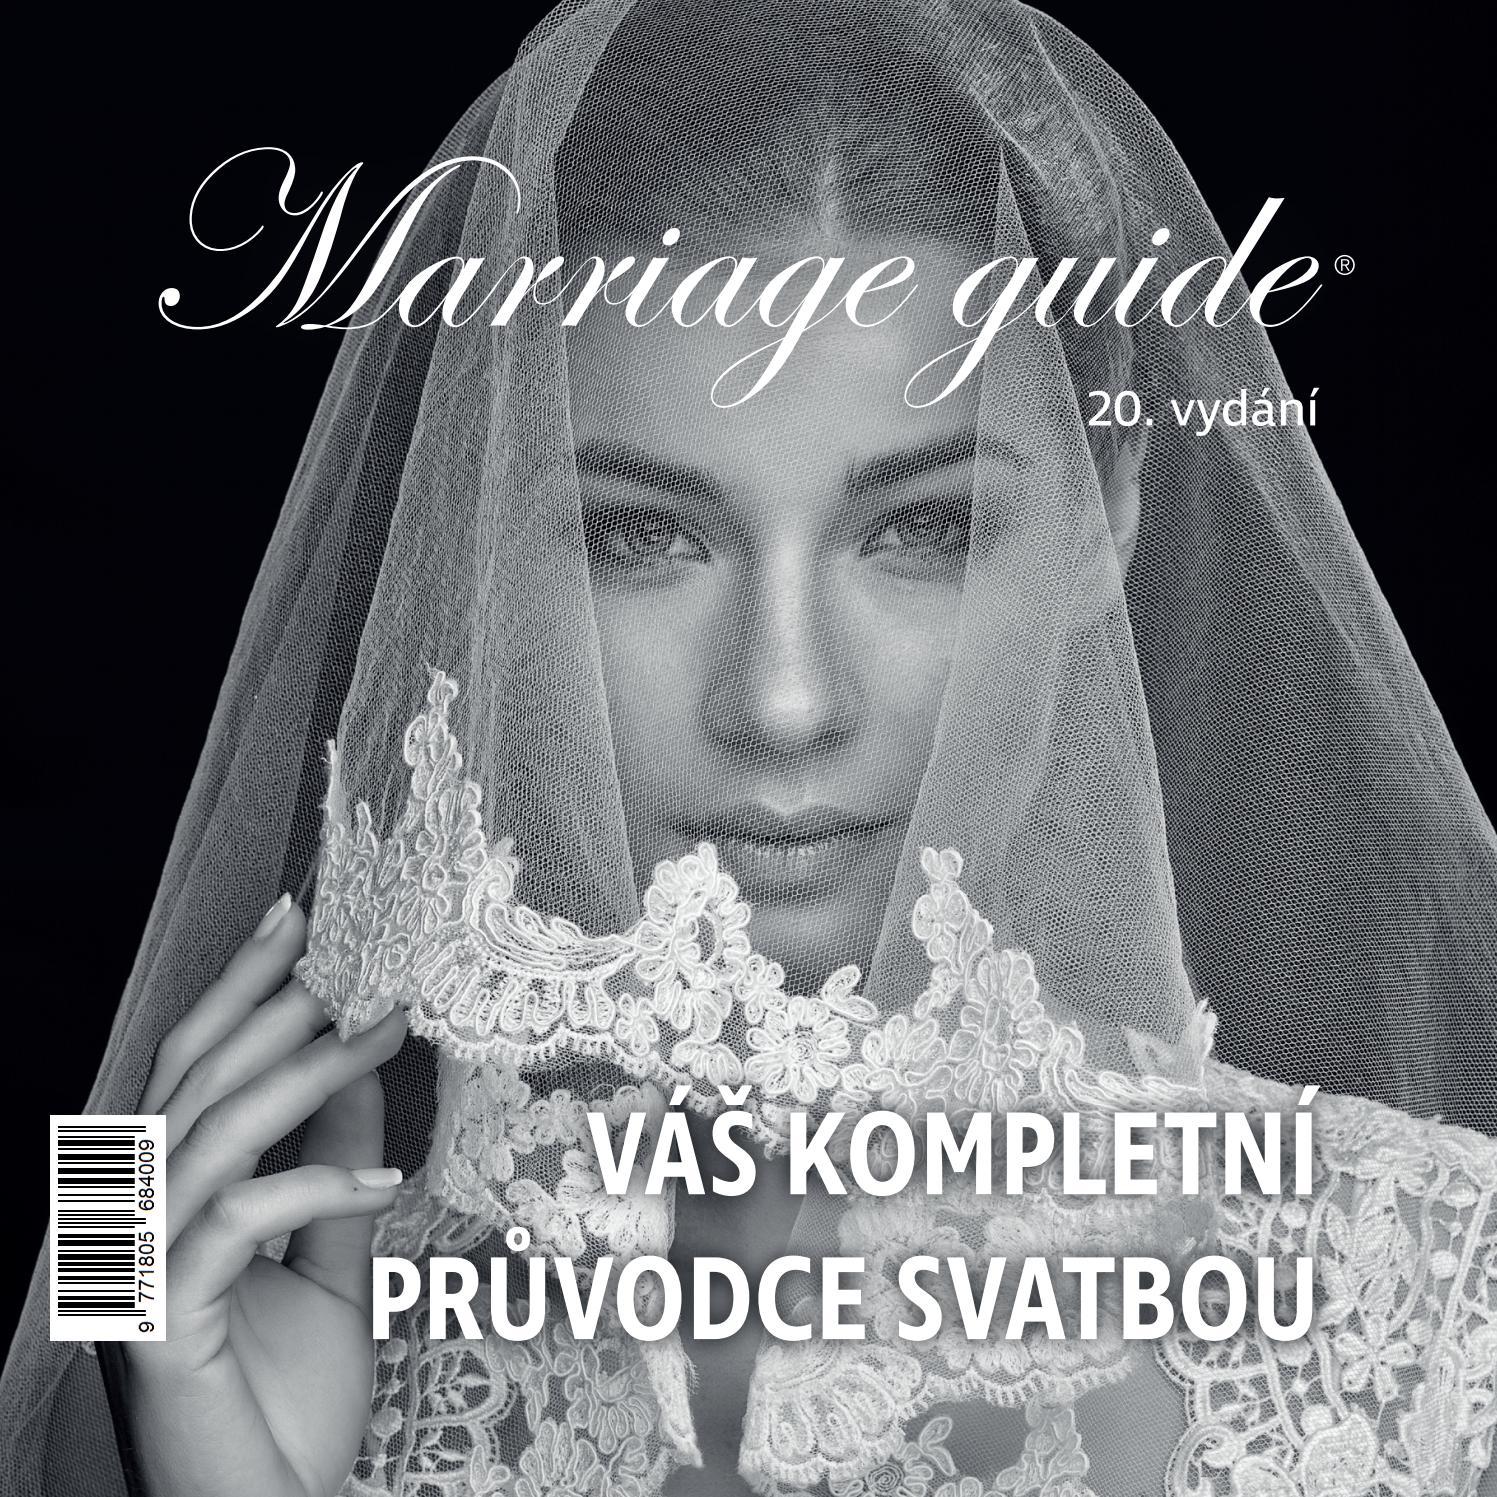 Seznamování přátelství a manželství